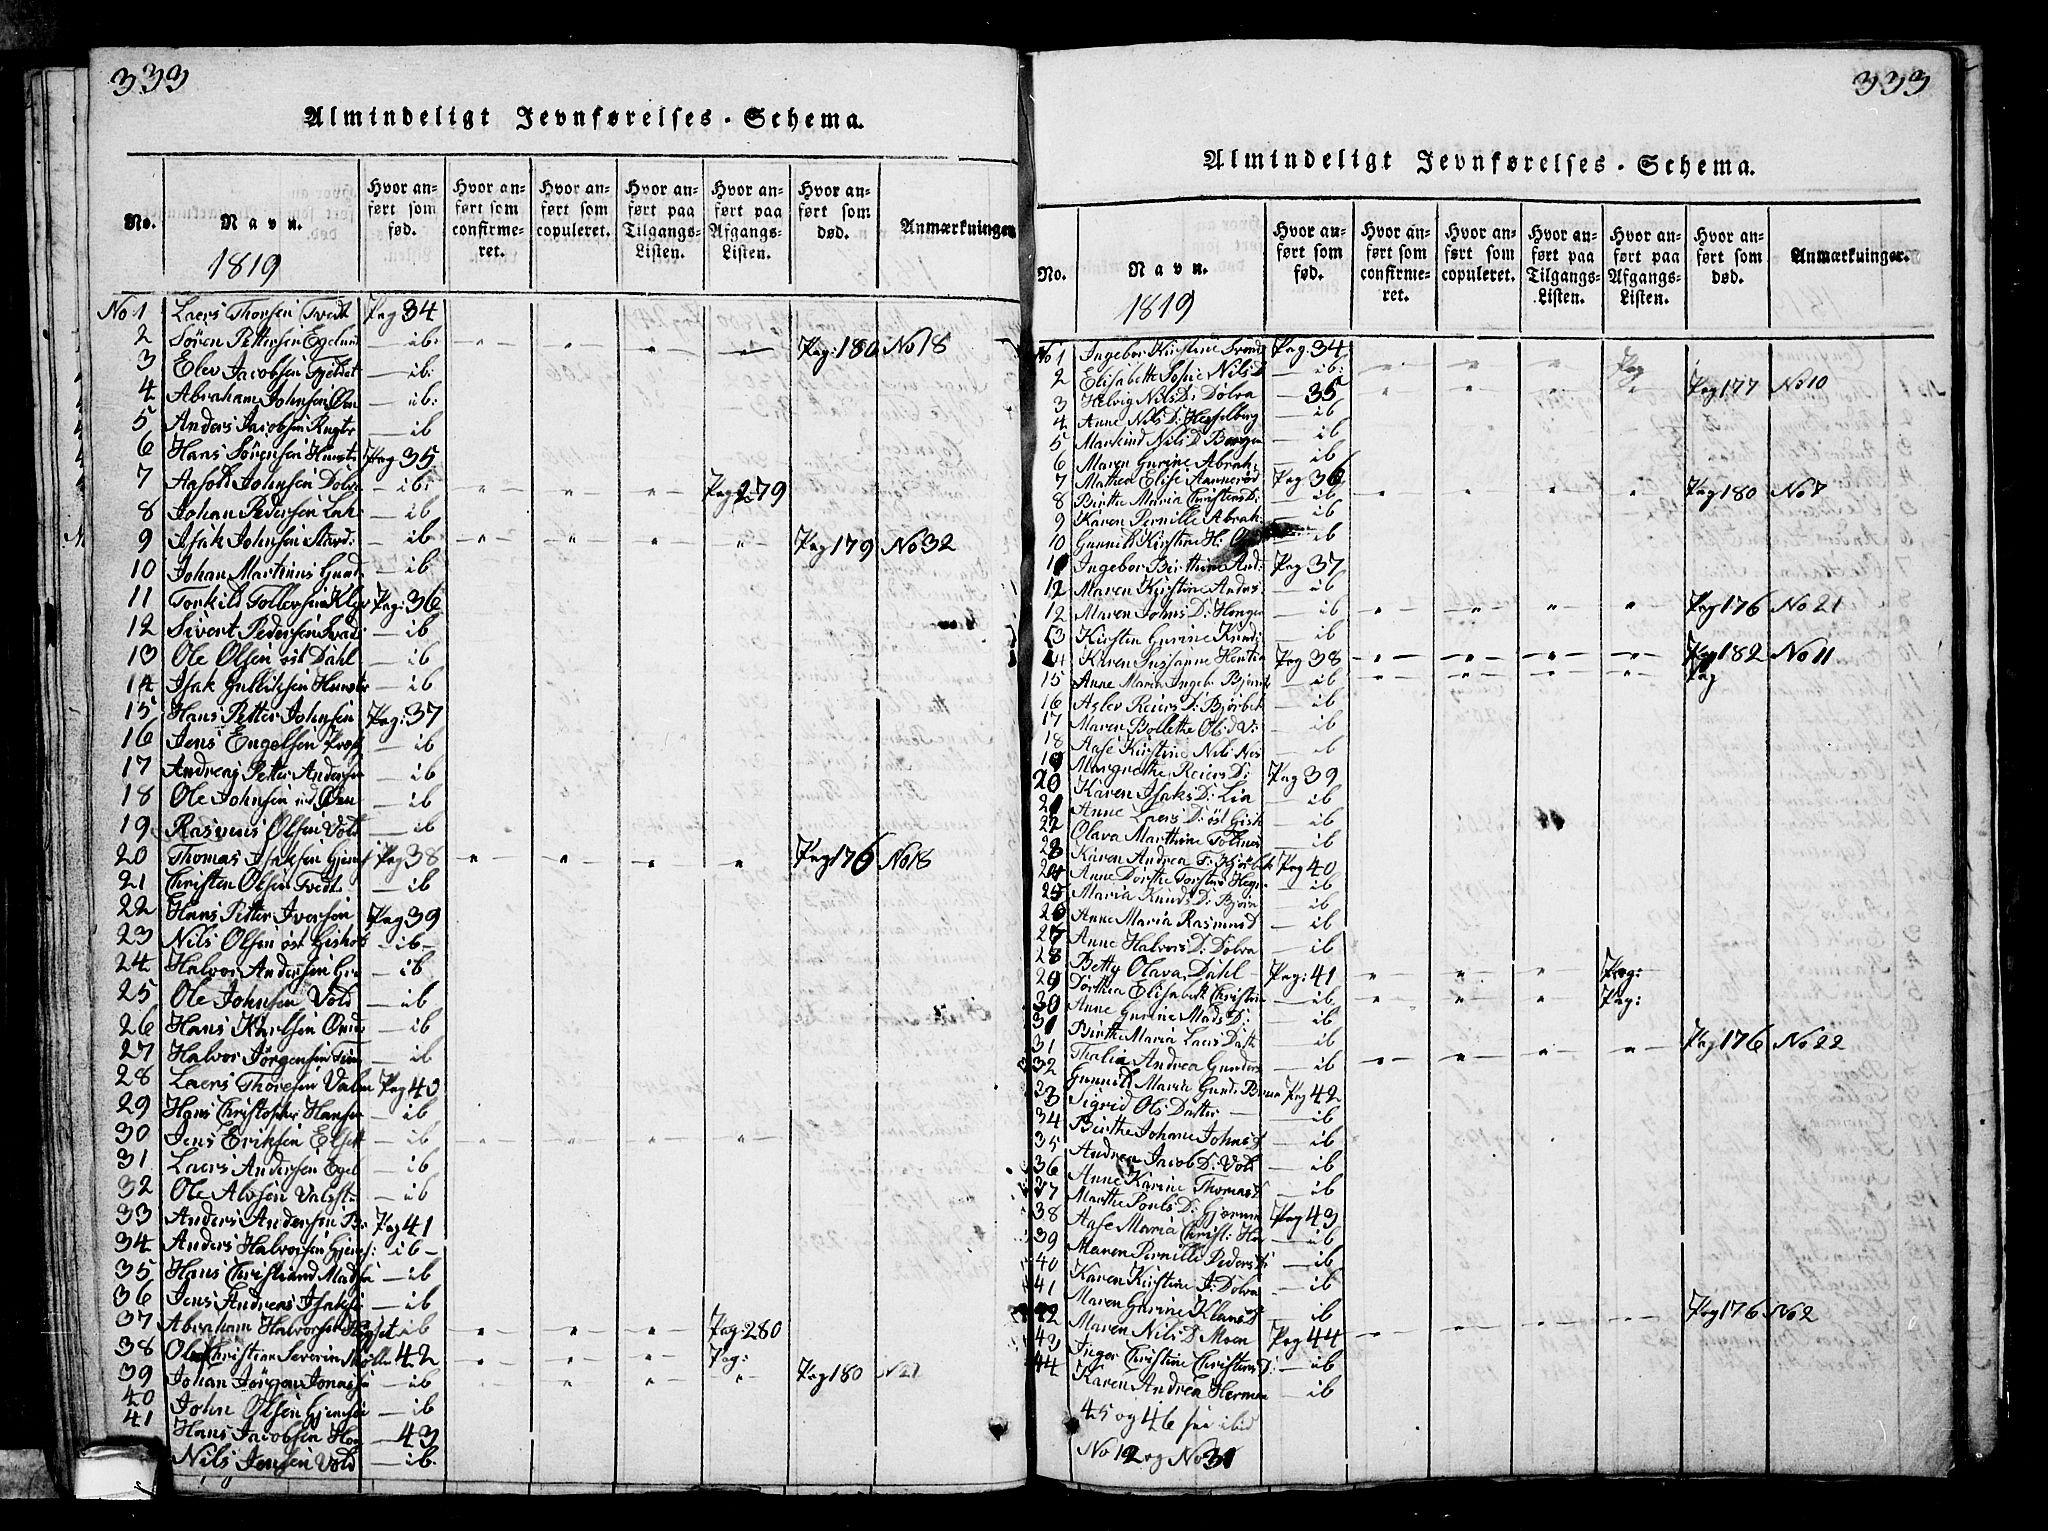 SAKO, Solum kirkebøker, G/Ga/L0001: Klokkerbok nr. I 1, 1814-1833, s. 333